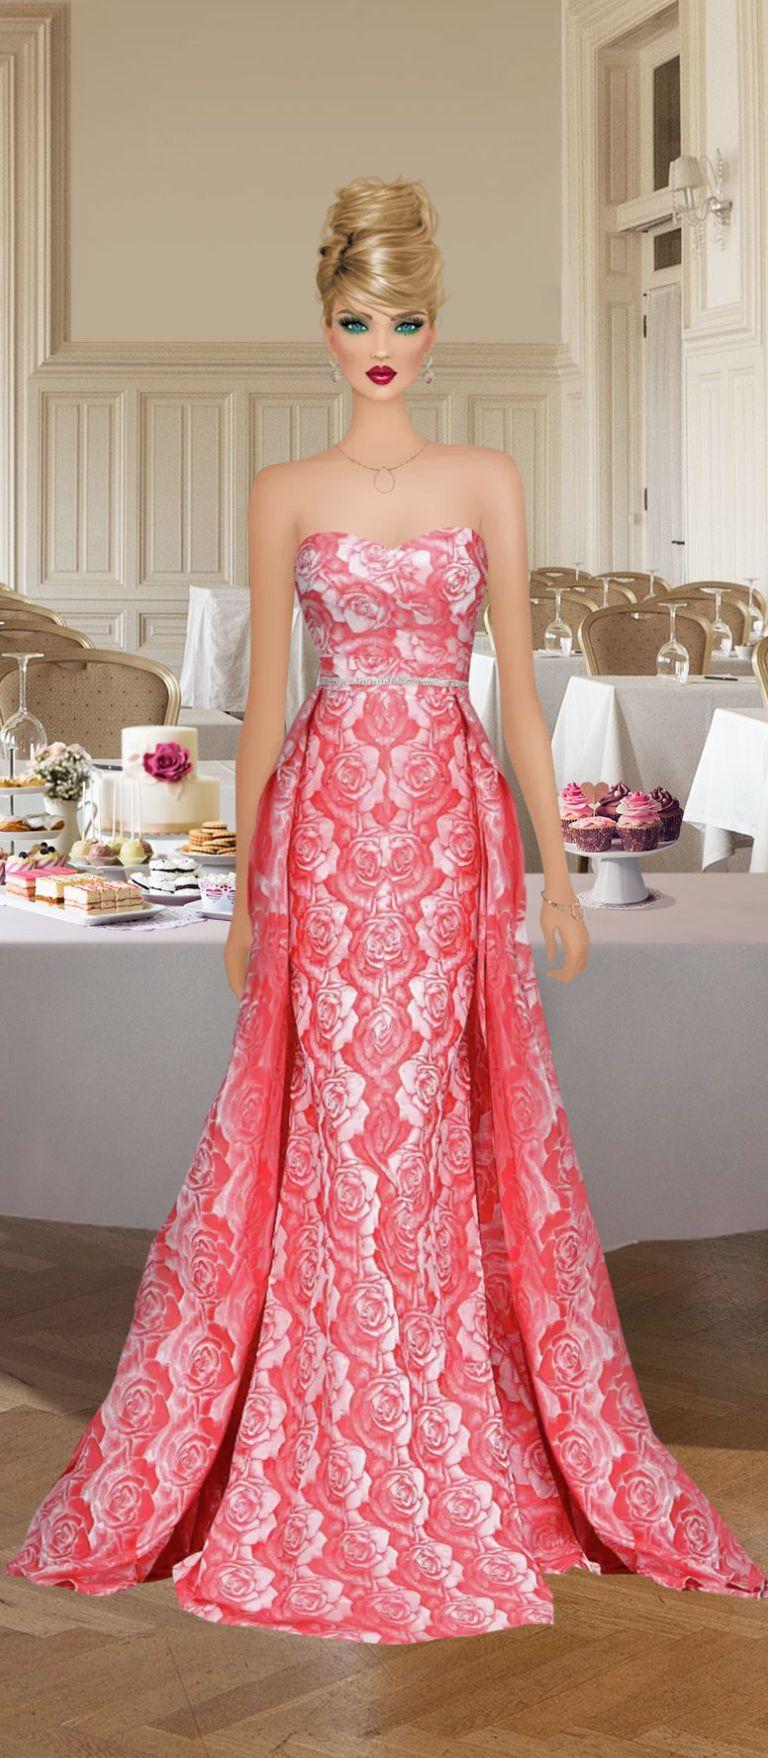 Pin de Millie Tavarez en Fashion with Covet | Pinterest | Vestidos ...